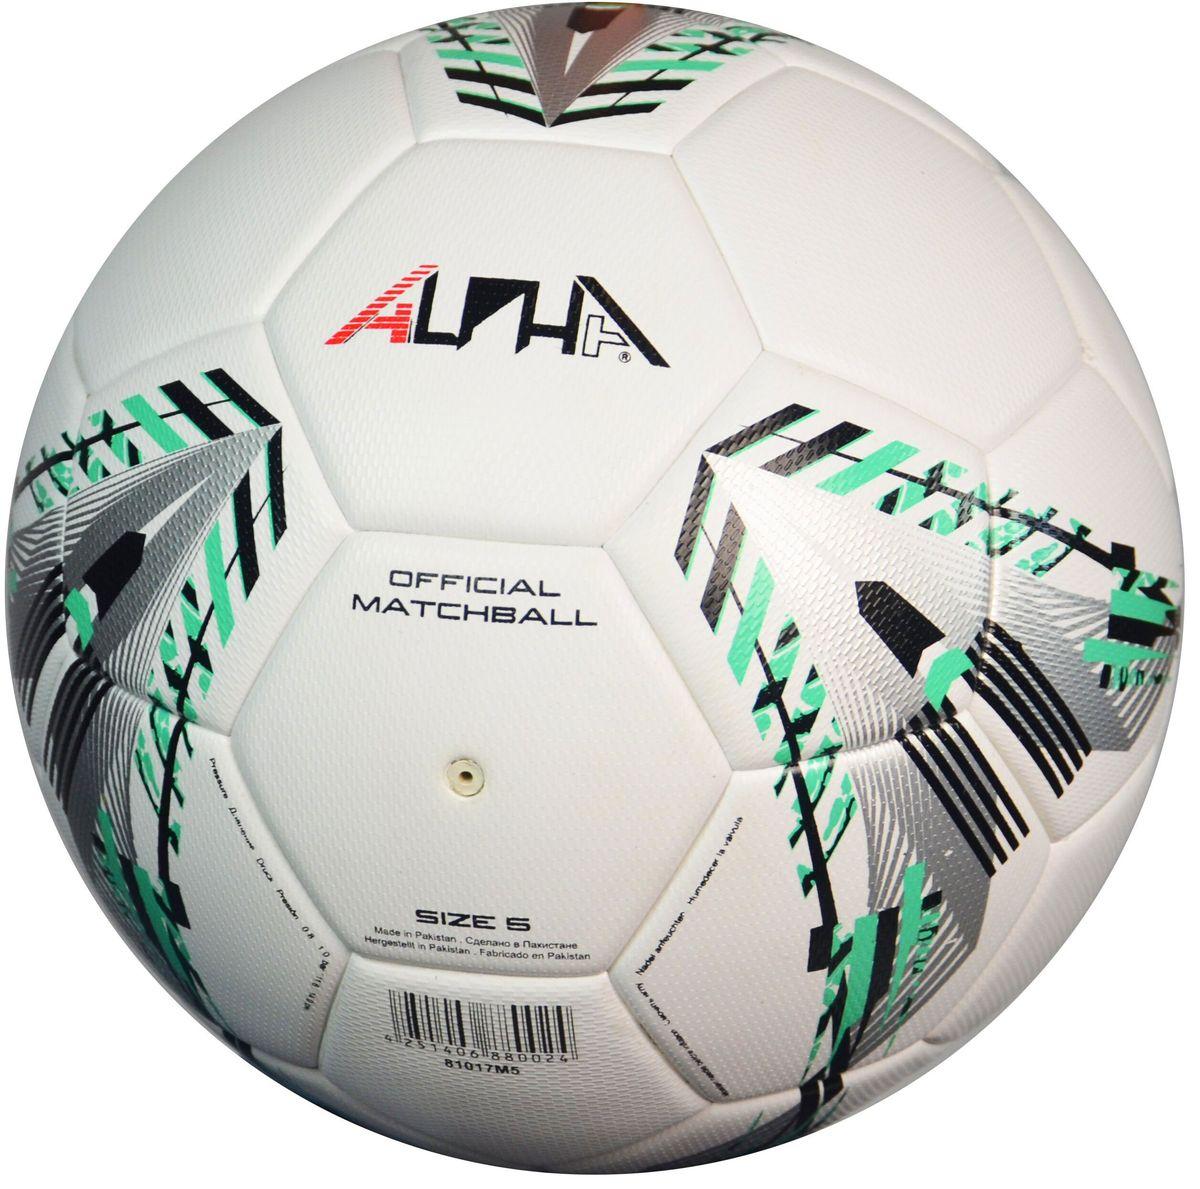 Мяч футбольный AlphaKepers EliteMatch, цвет: белый, серебристый. Размер 5. 8101781017Профессиональный футбольный мяч AlphaKeepers произведен в строгом соответствии нормами FIFA. Произведен по технологии TermoTech (технология высокотемпературногоспаивания панелей), обладает долговечностью и нулевой гигроскопичностью.